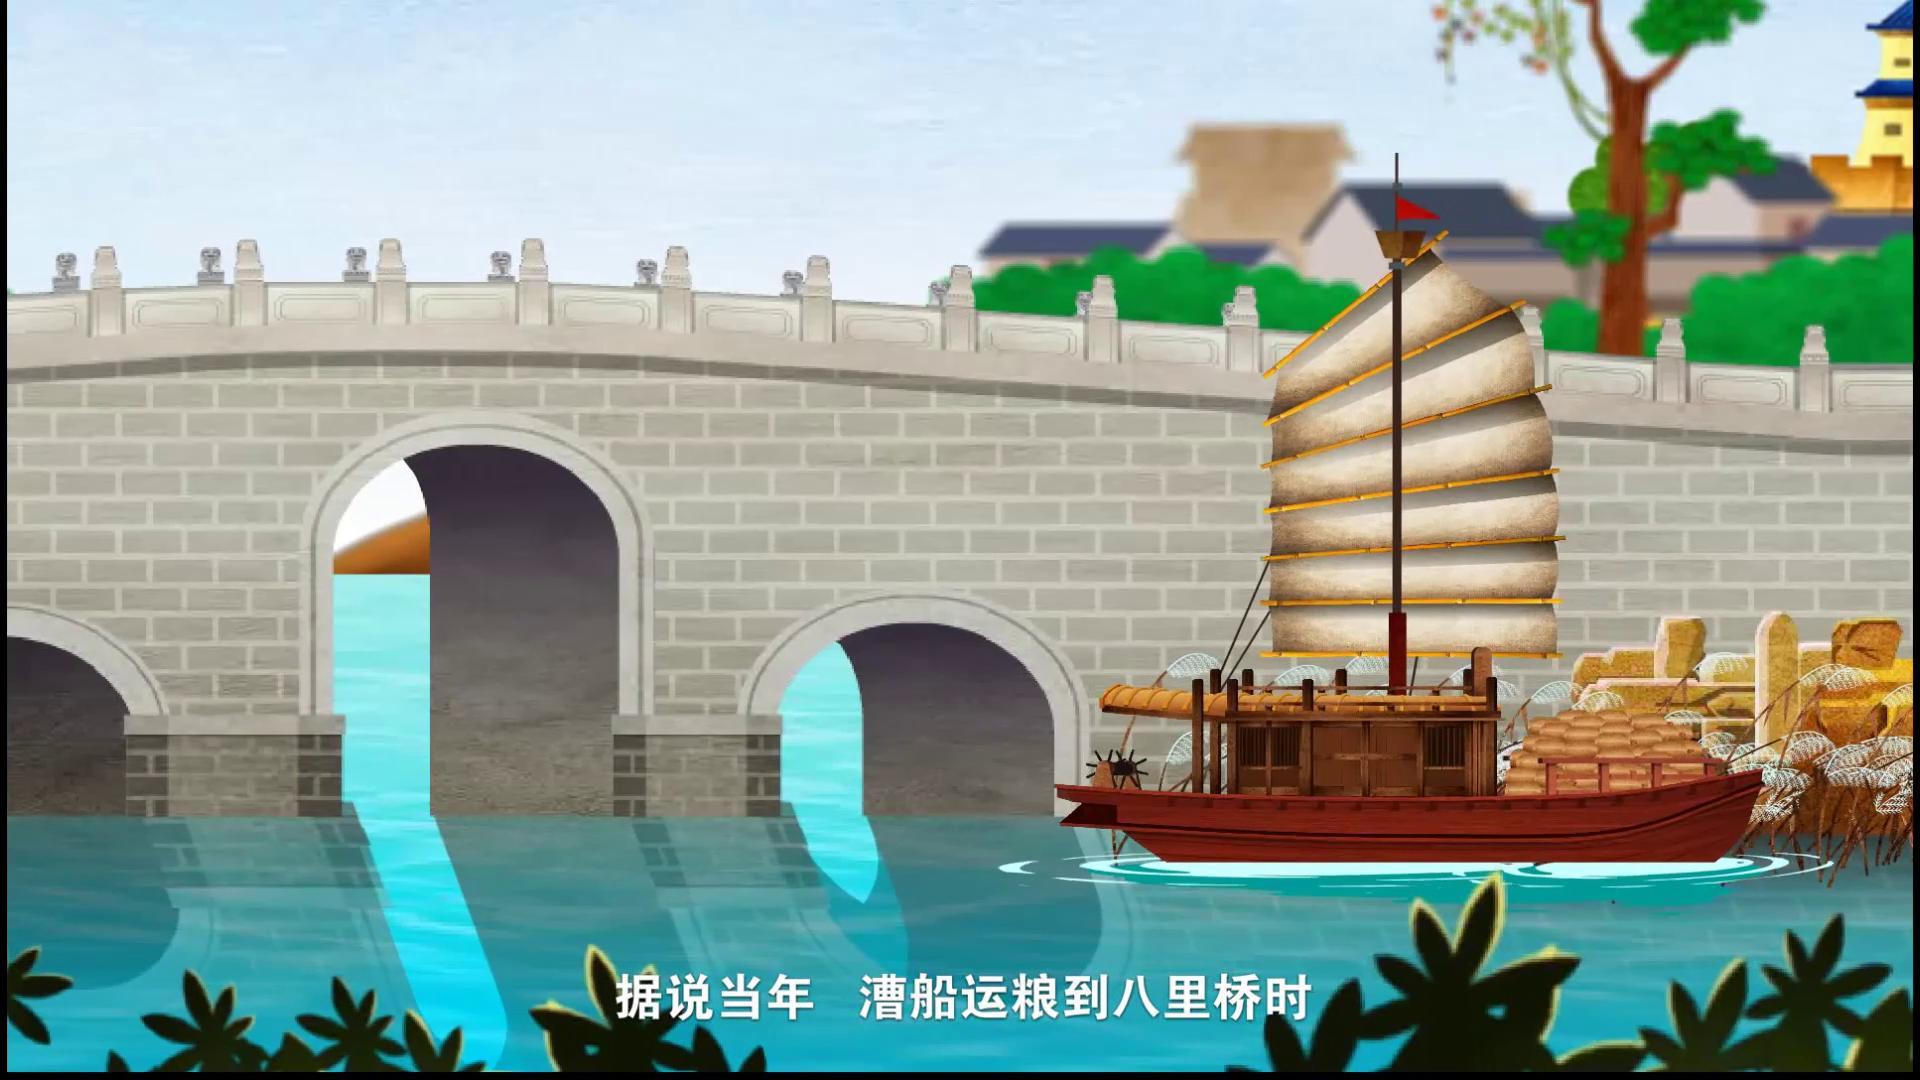 """《""""风""""从运河来》第六集:八里长桥不挽栀"""